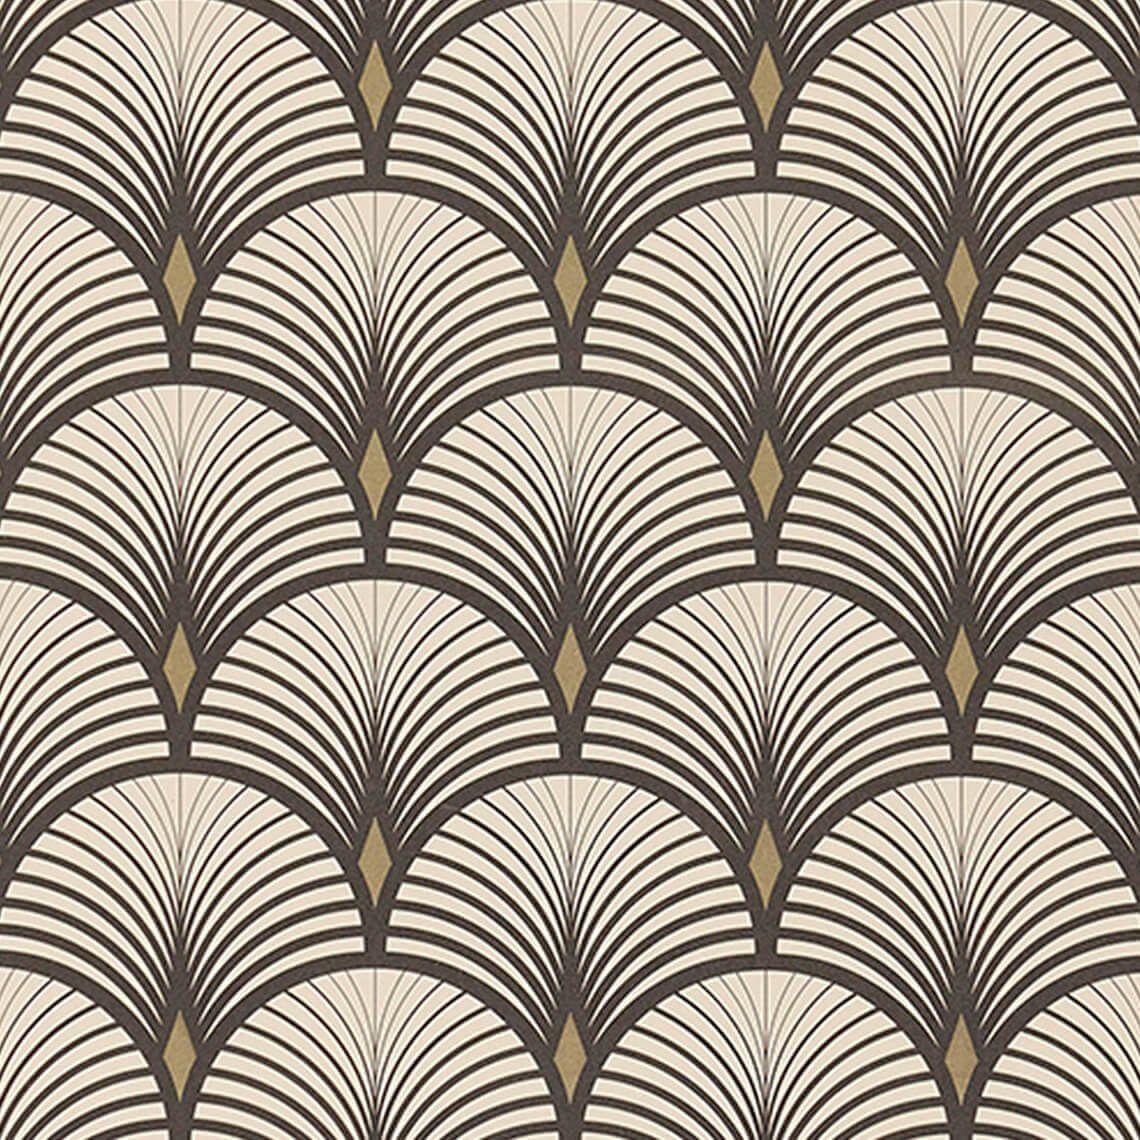 papier peint baker vinyle sur intiss graphique noir et dor in 2019 art deco papier peint. Black Bedroom Furniture Sets. Home Design Ideas